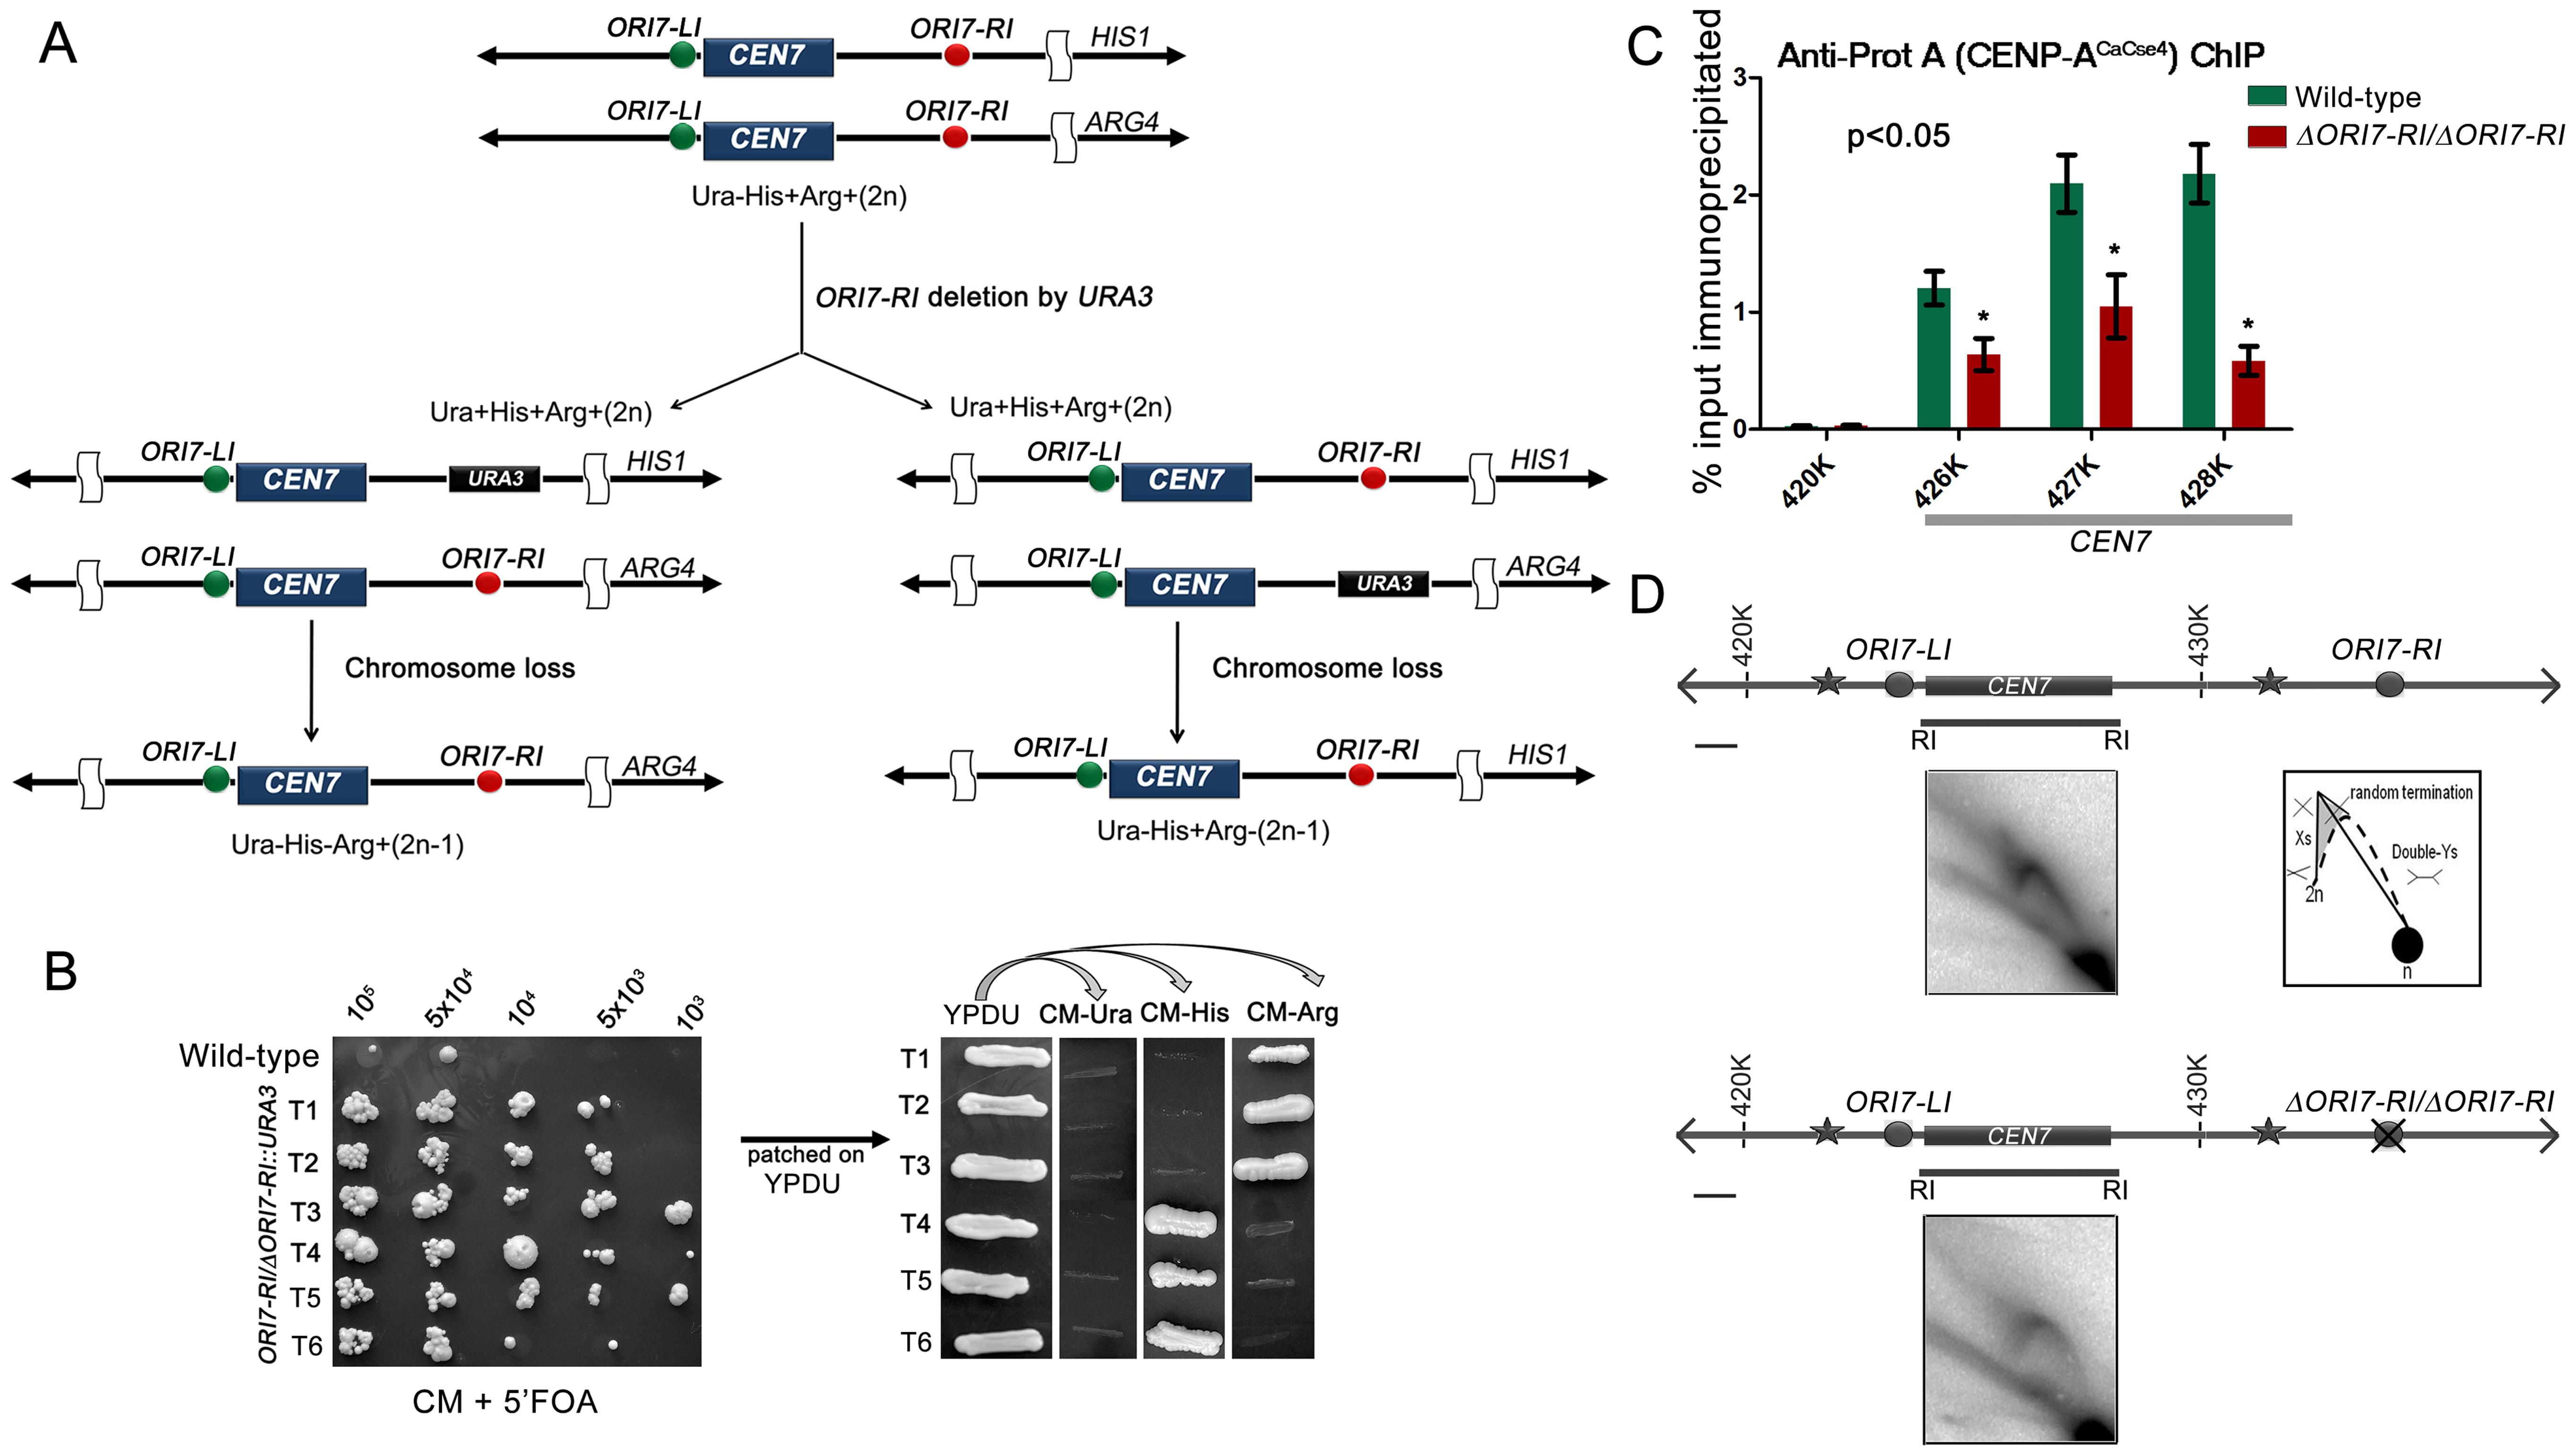 Centromere proximal origins maintain centromere functioning.